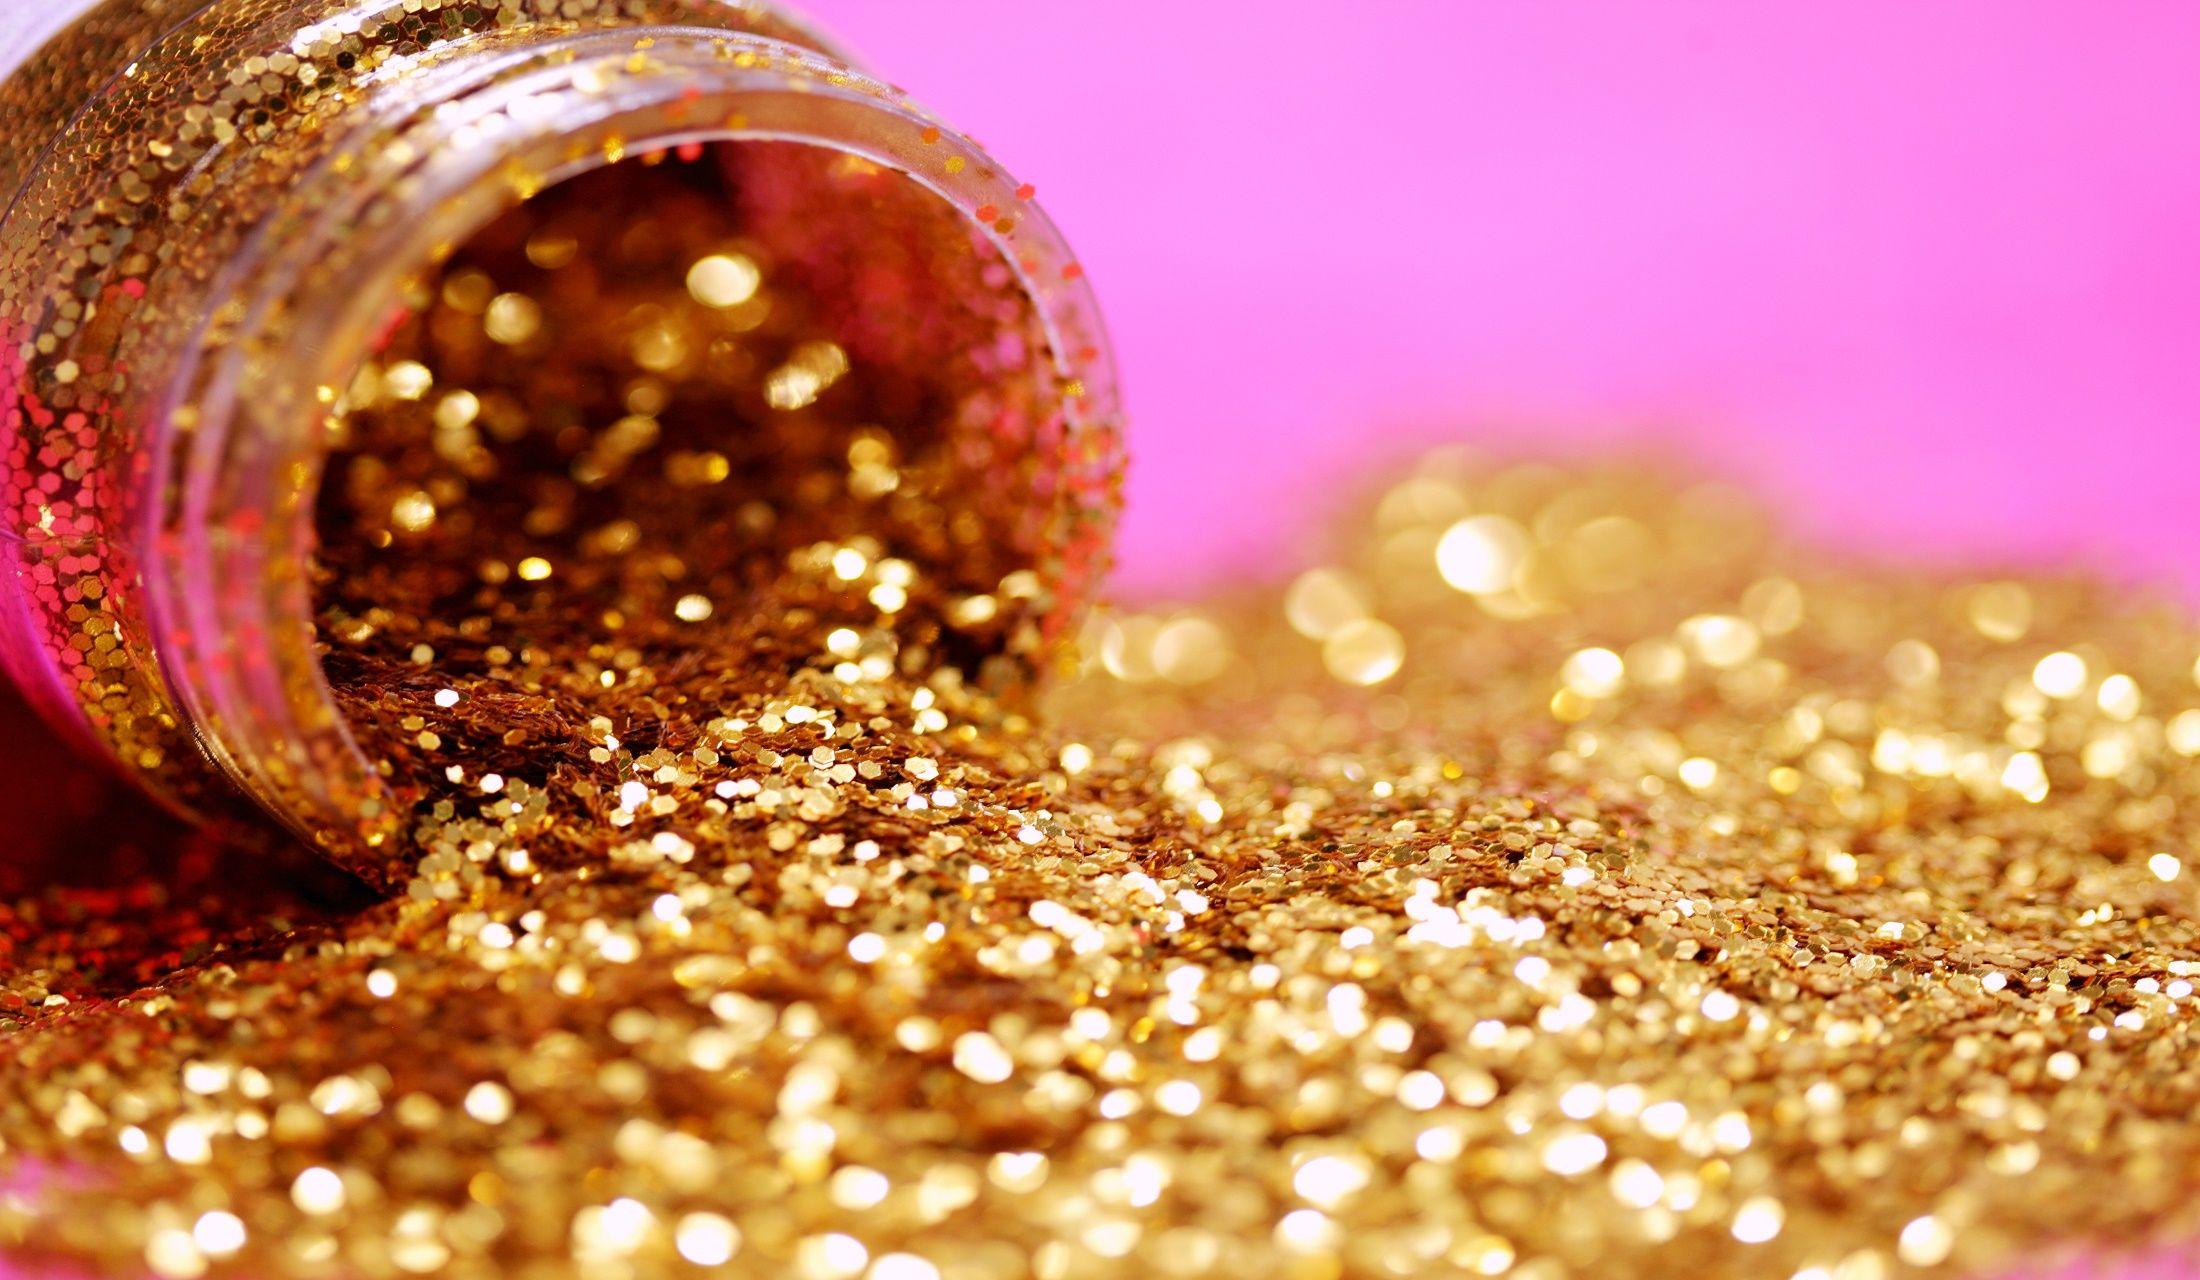 砂金が器からこぼれ出ているところ